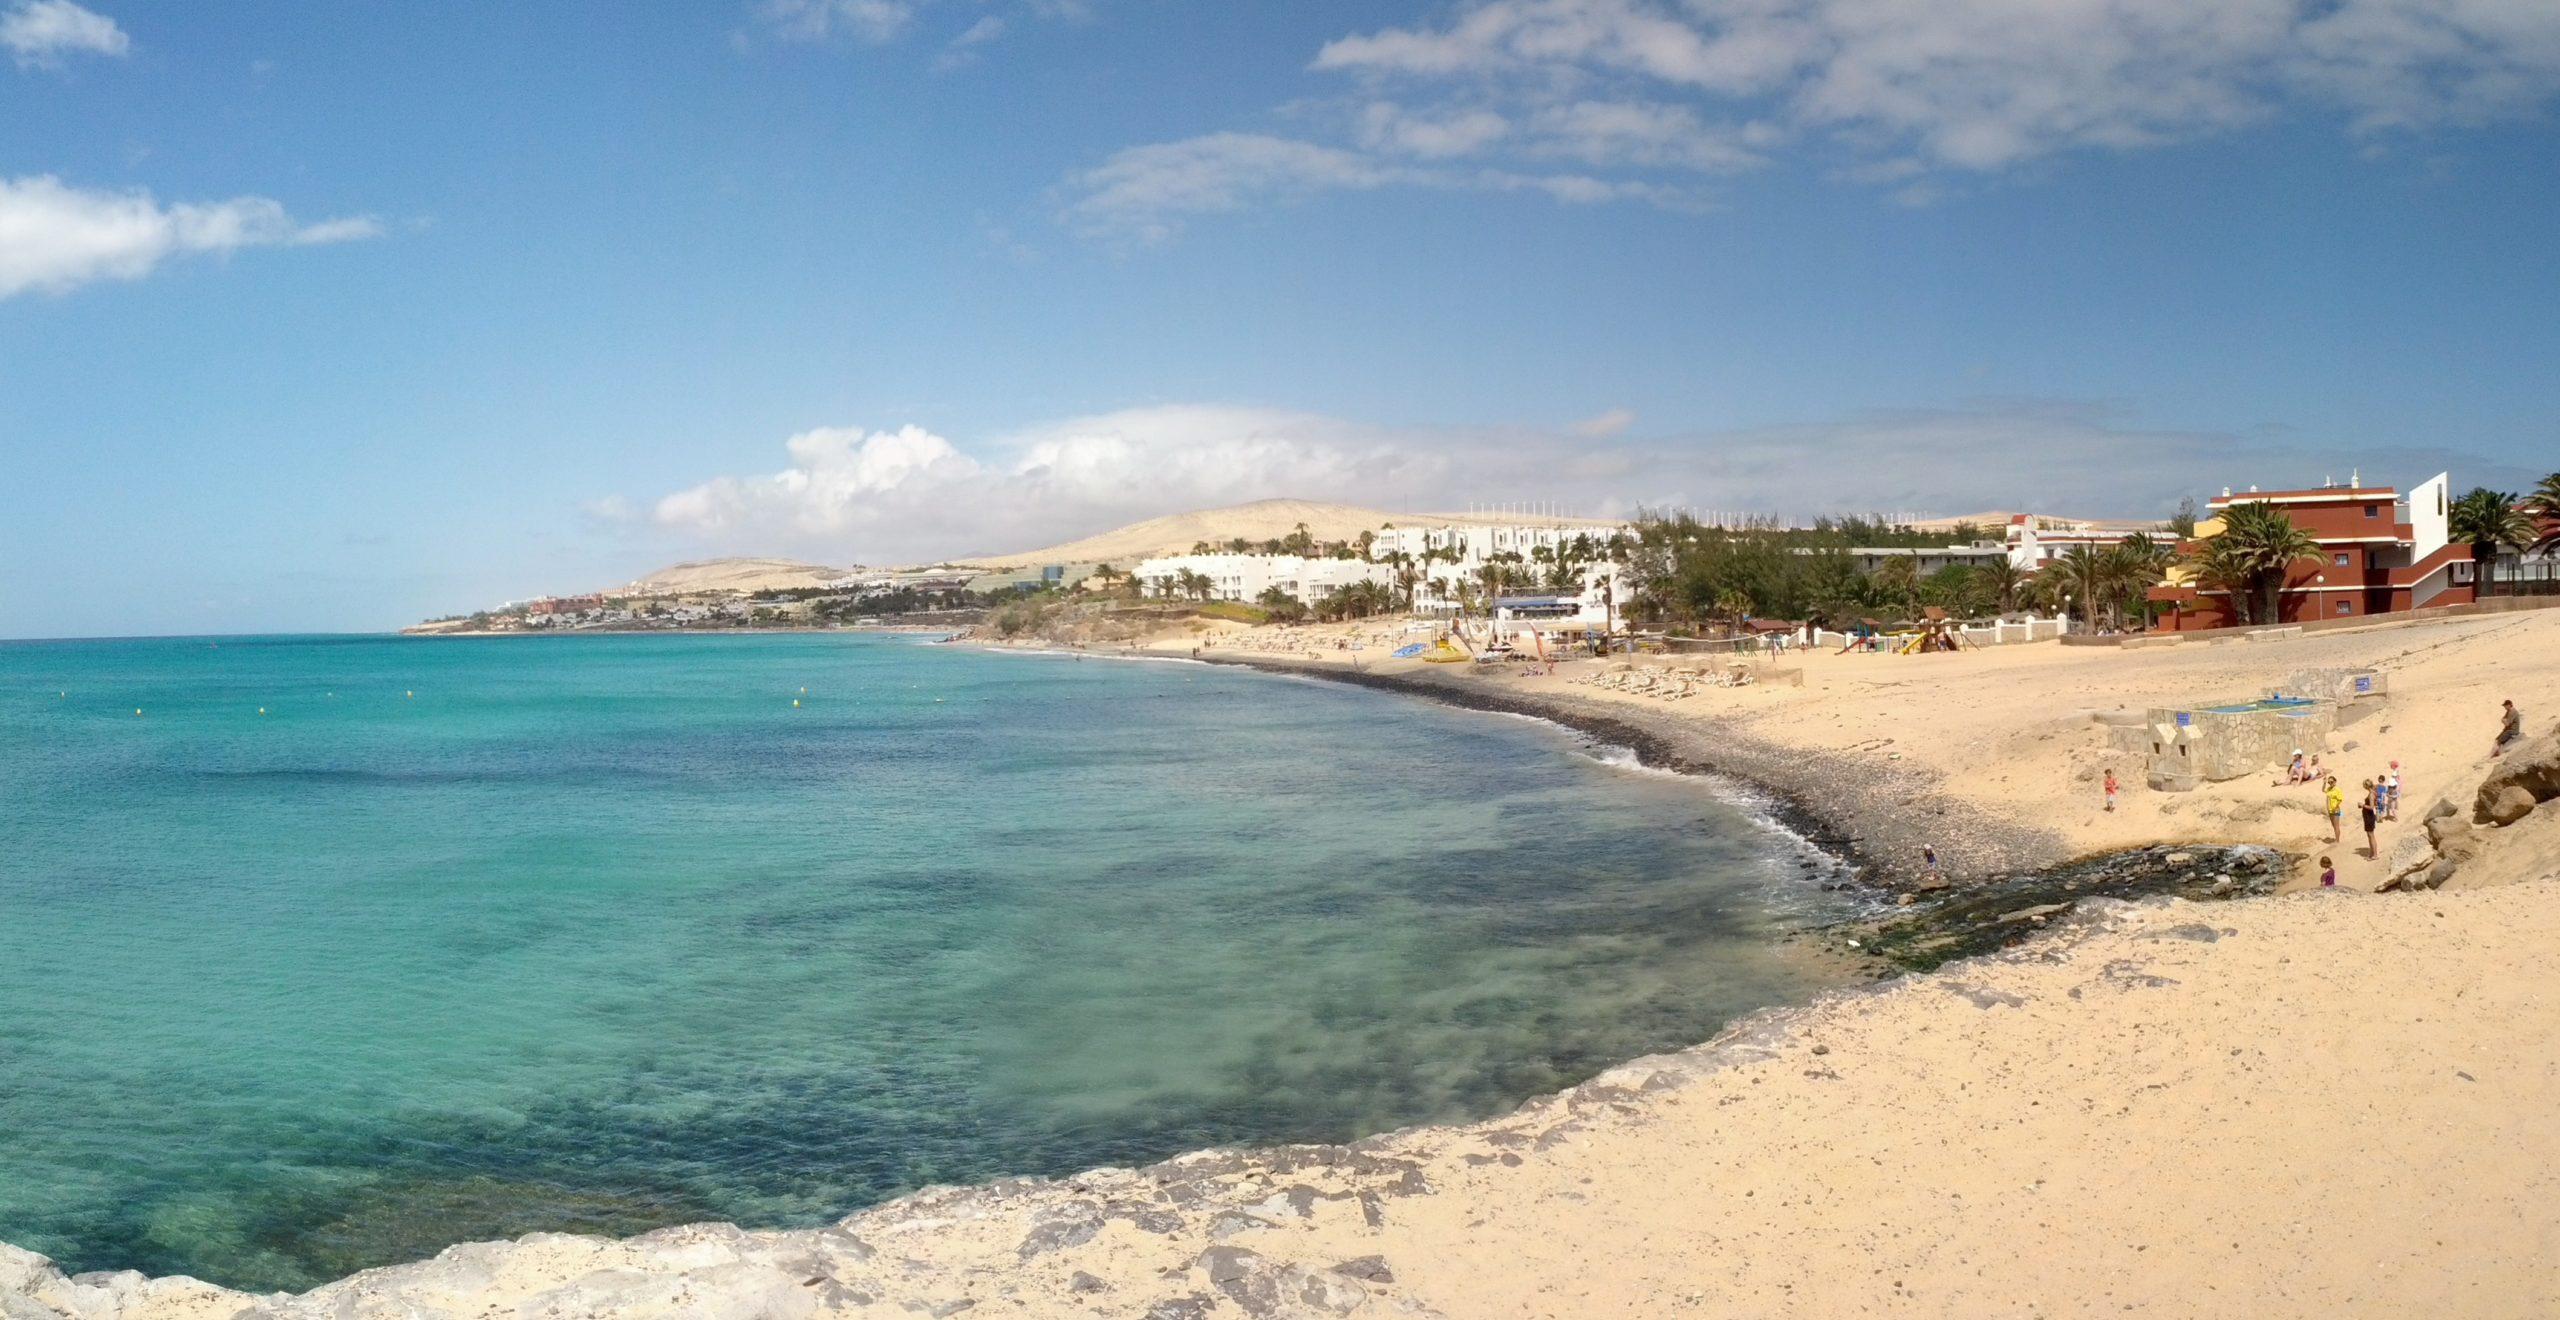 tuven-fue-servicio-autobuses-transfer-directo-aeropuerto-fuerteventura-costa-calma